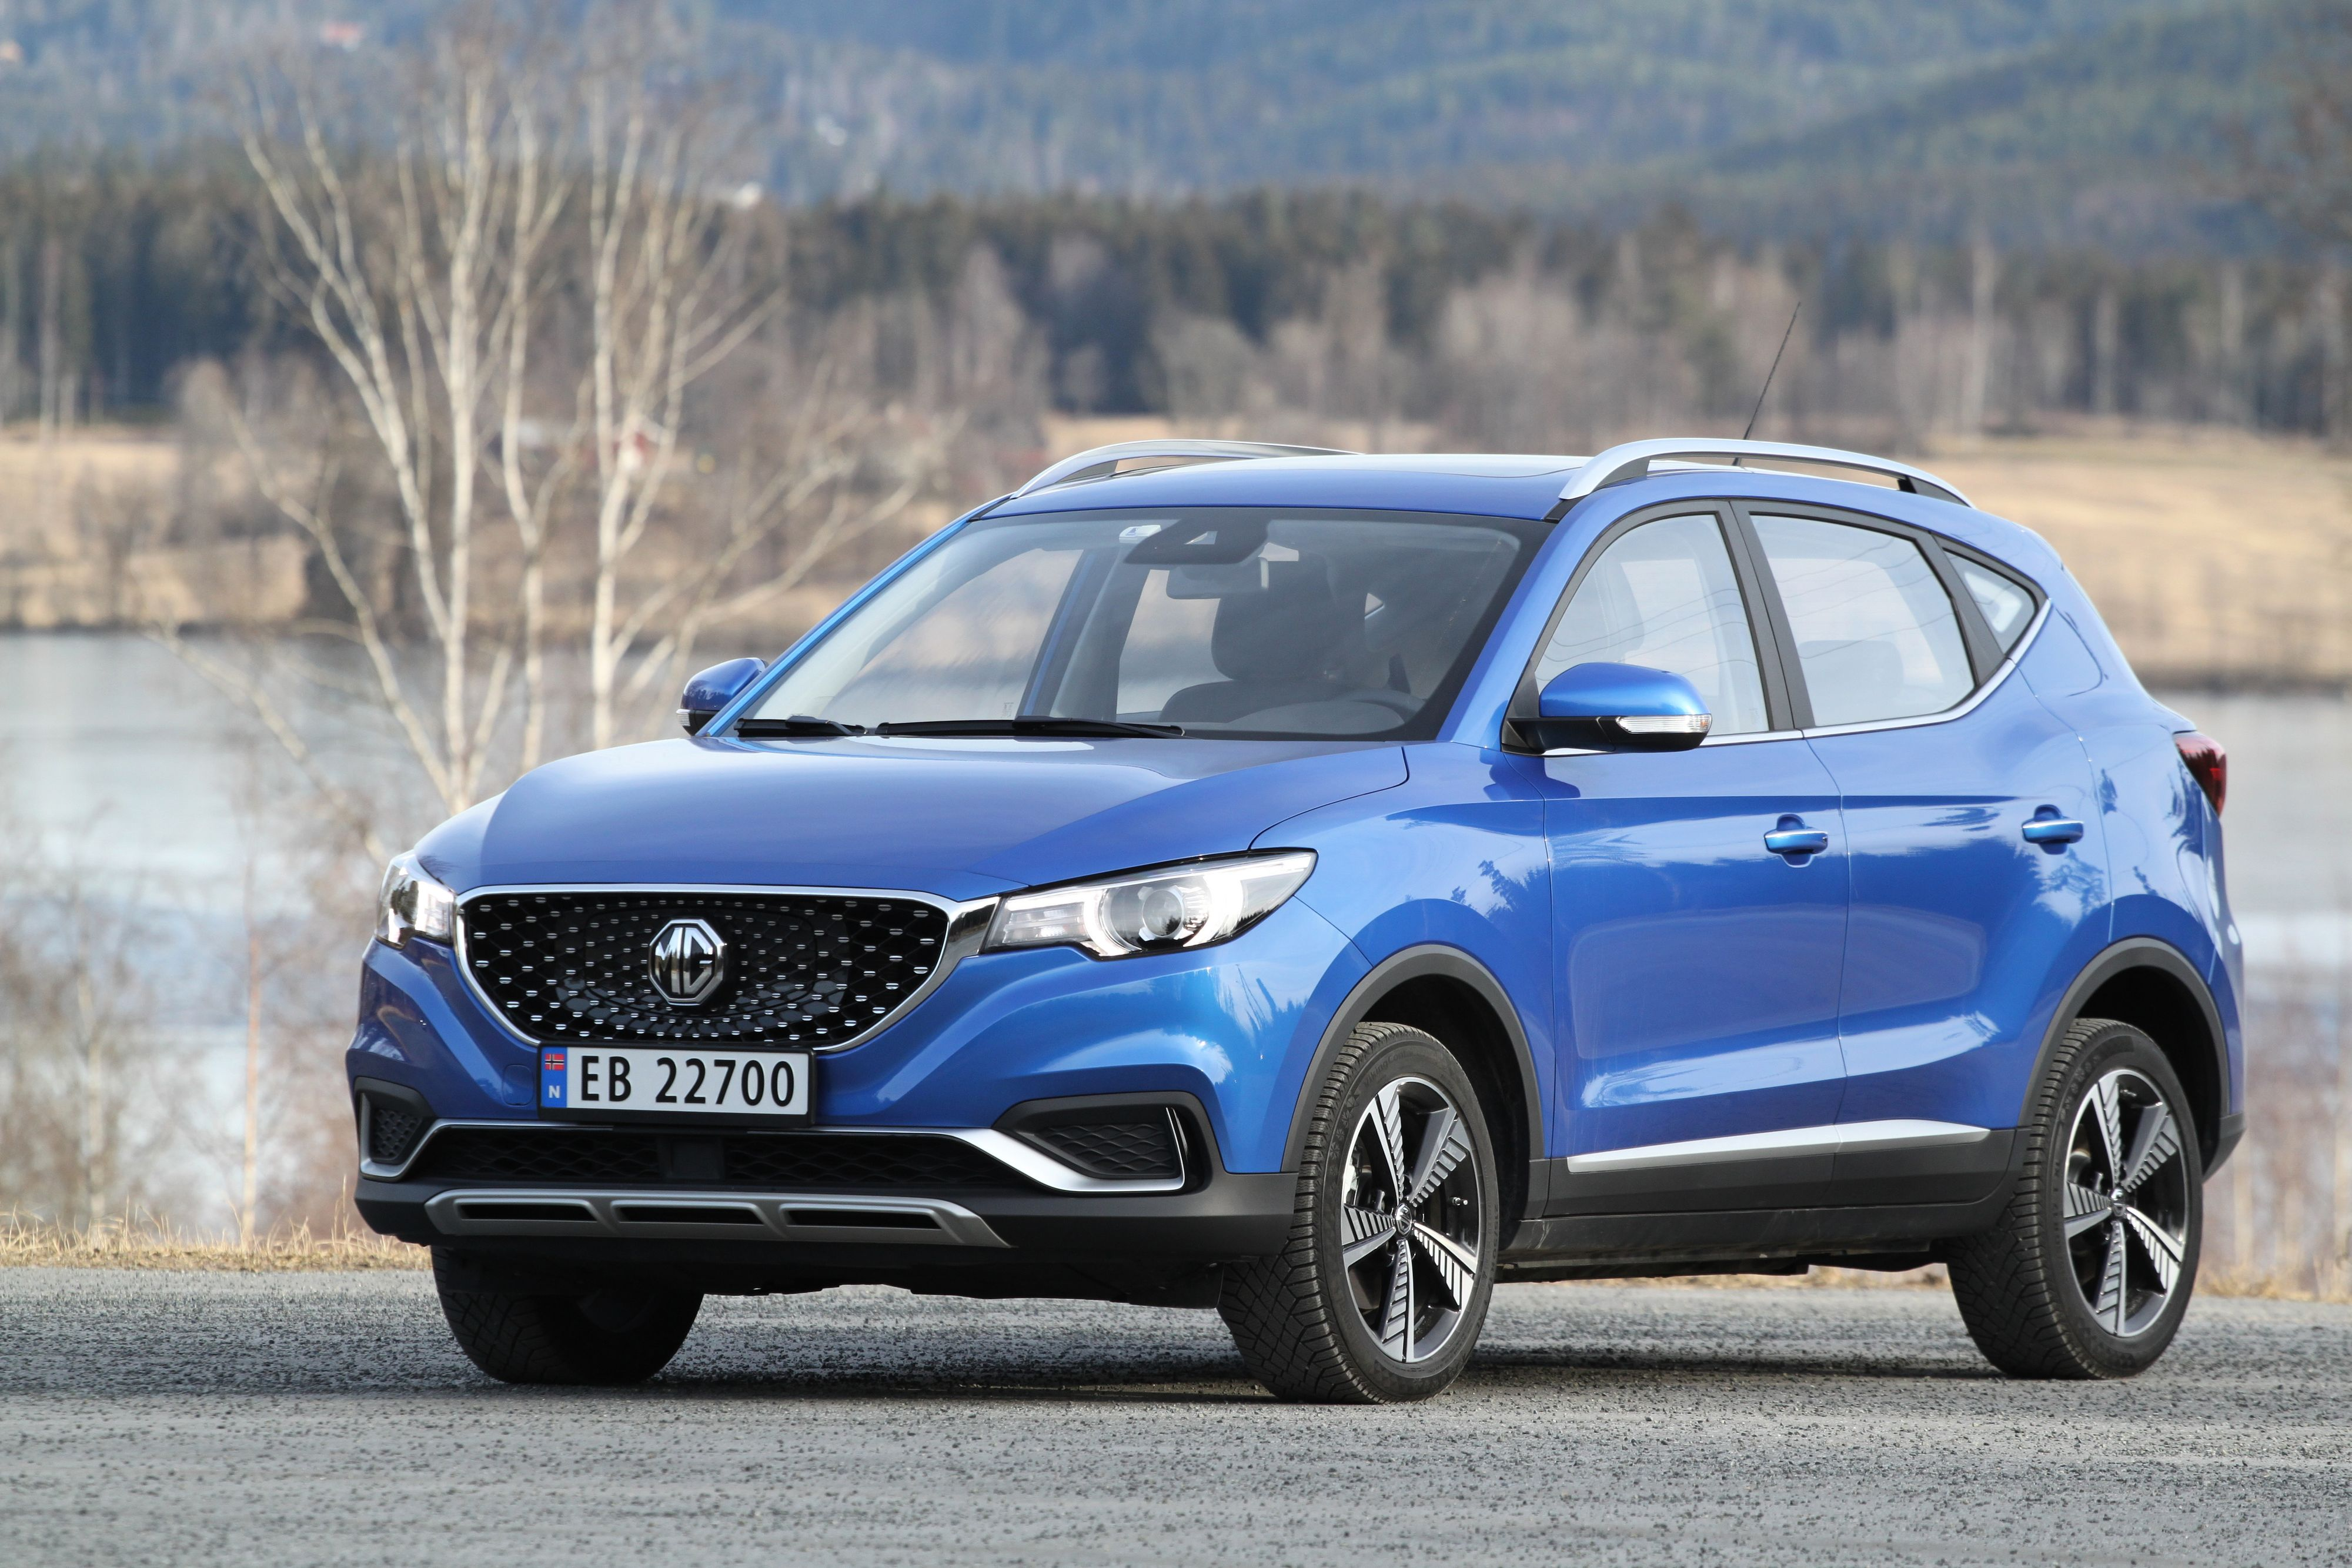 Suksess: Den rimelige MG ZS har gjort kraftig innhogg på salgslistene i Norge i 2020. Totalt ble dette Norges åttende mest solgte bil.